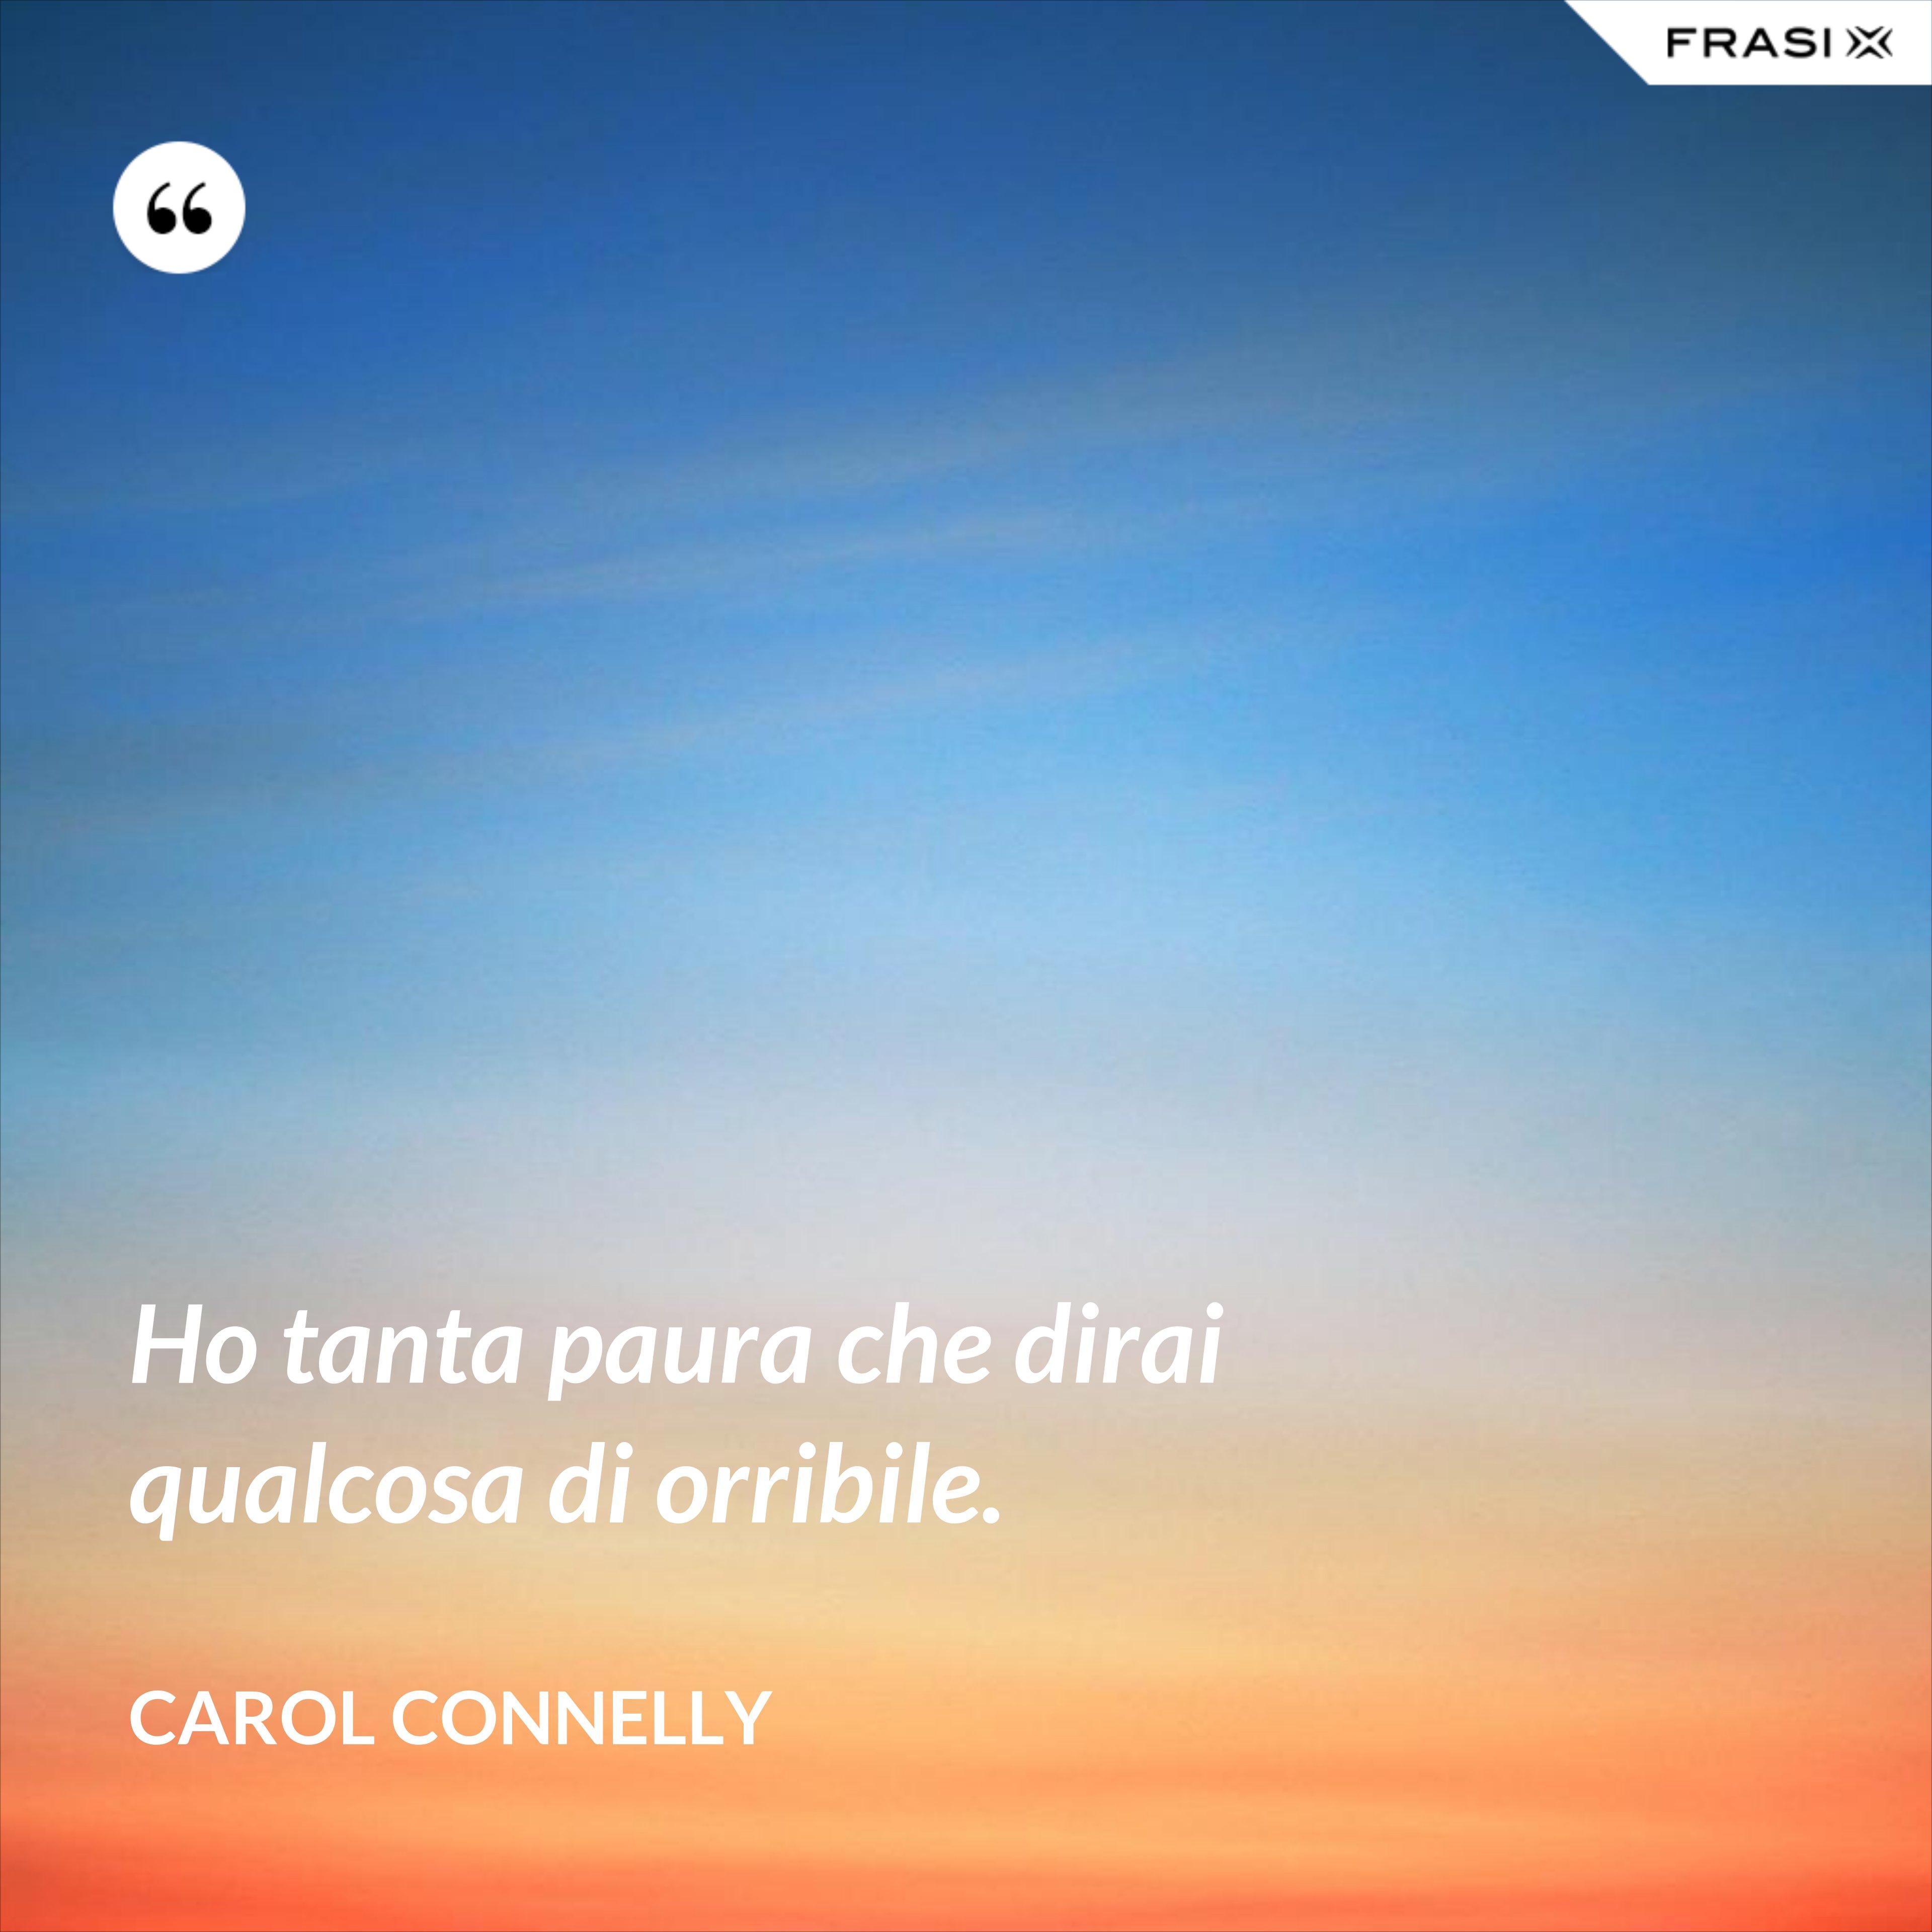 Ho tanta paura che dirai qualcosa di orribile. - Carol Connelly